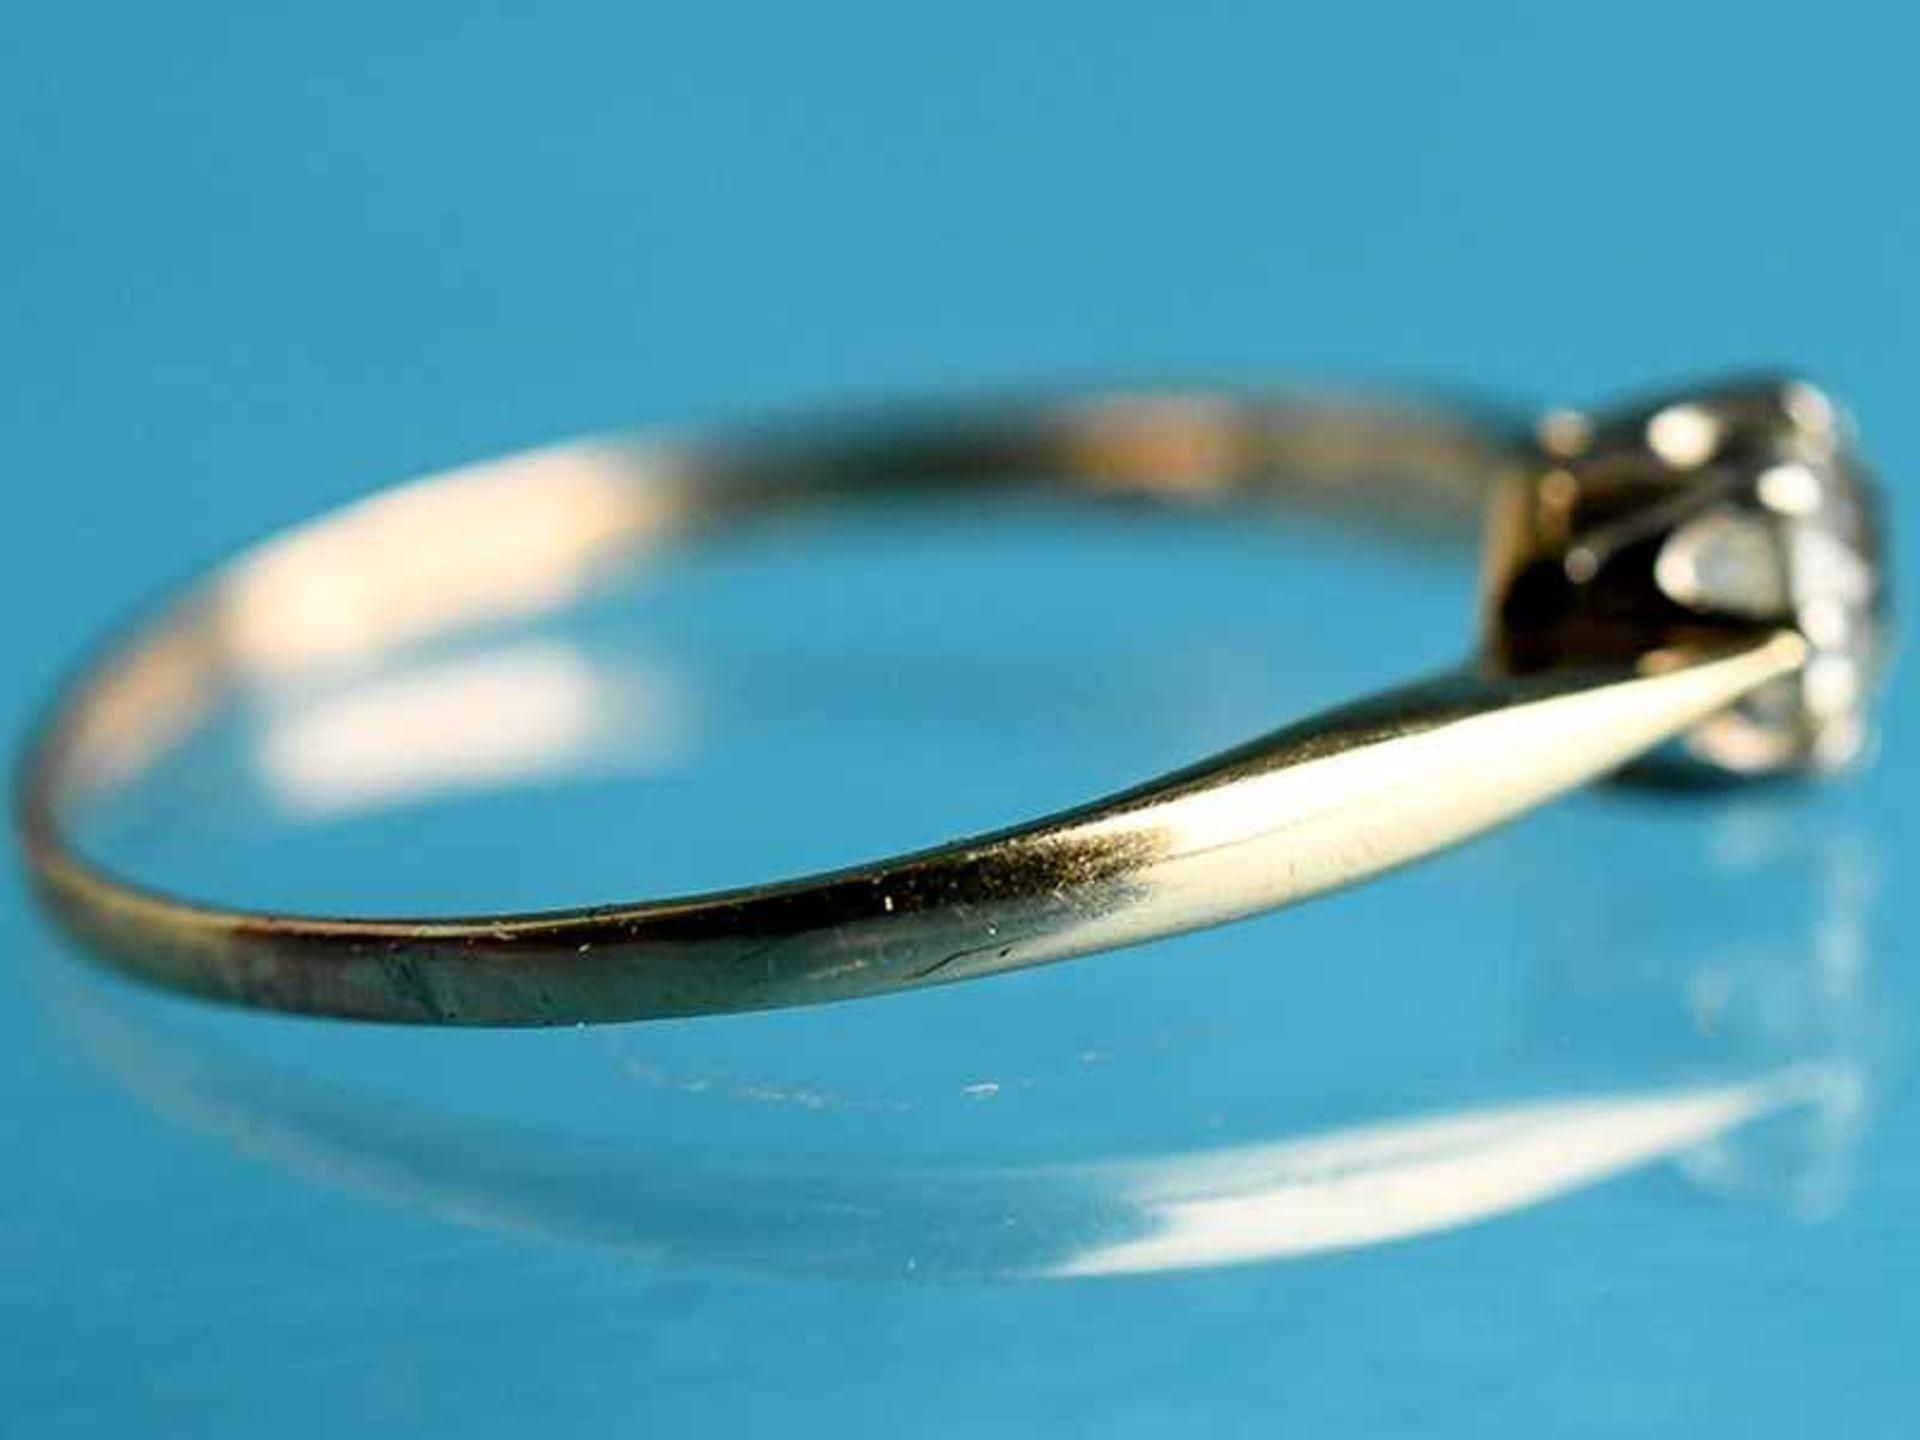 Ring mit Altschliff-Diamant ca. 0,4 ct, Anfang 20. Jh. 585/- Gelb- und Weißgold. Gesamtgewicht ca. - Bild 2 aus 4